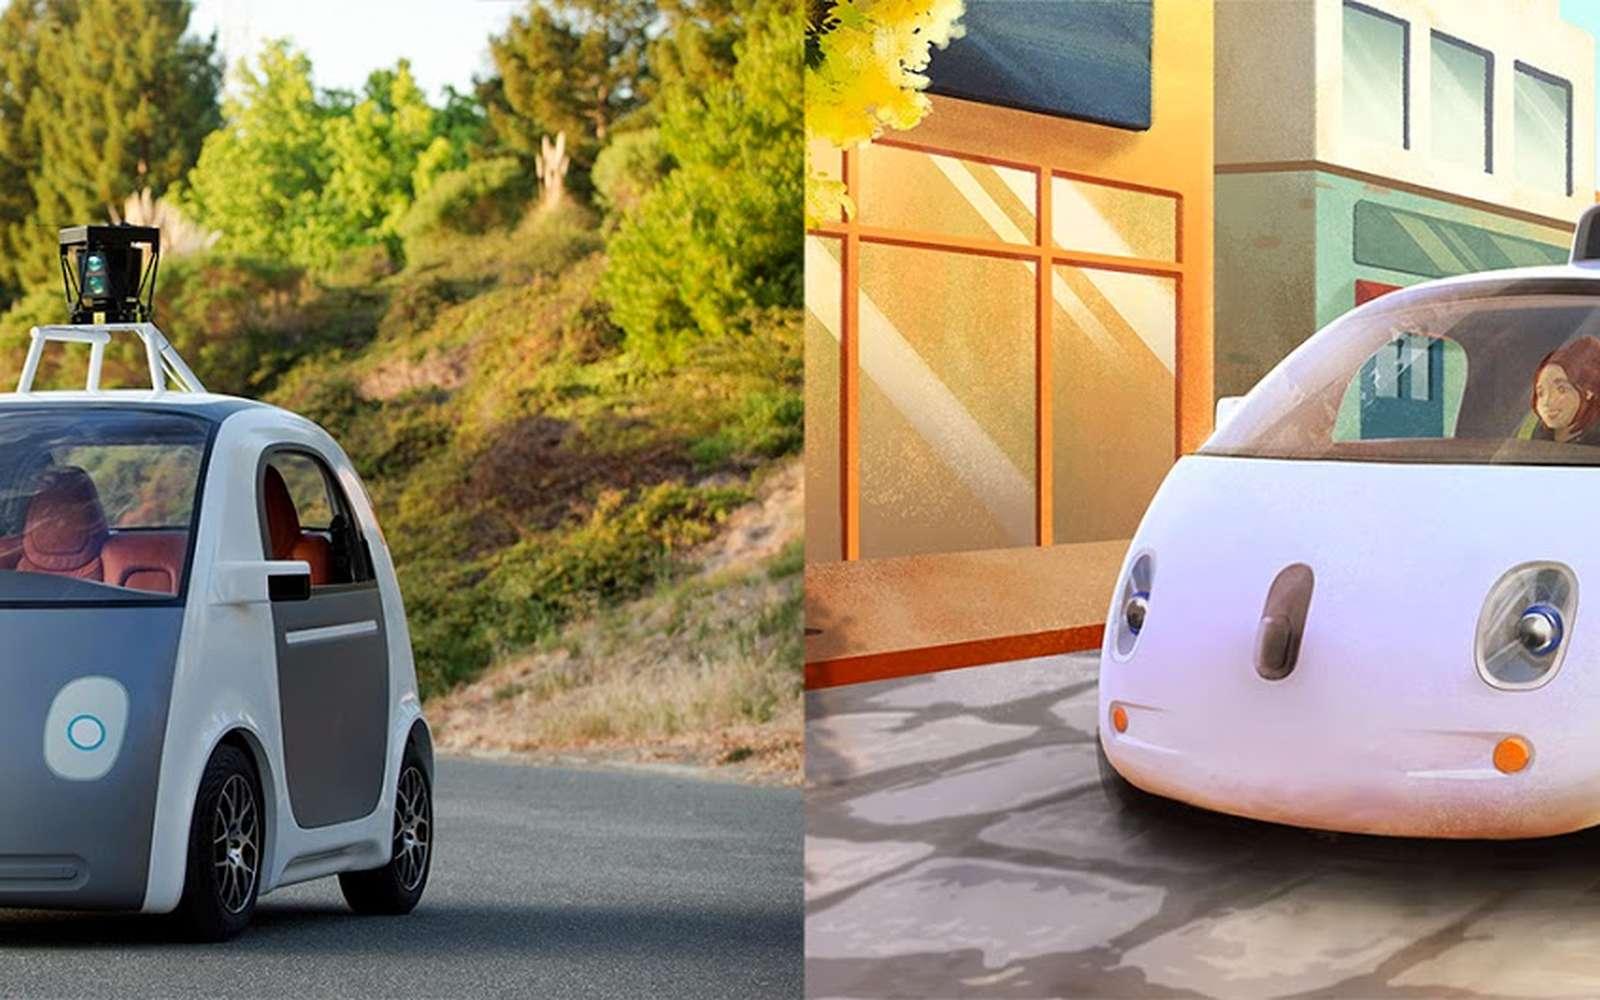 Google a voulu pousser le concept de voiture autonome jusqu'à concevoir son propre modèle. À droite, une version dessinée du projet, à gauche, le tout premier prototype qui vient d'être dévoilé. Google compte fabriquer une centaine de ces drôles de petites voitures pour poursuivre le projet. © Google